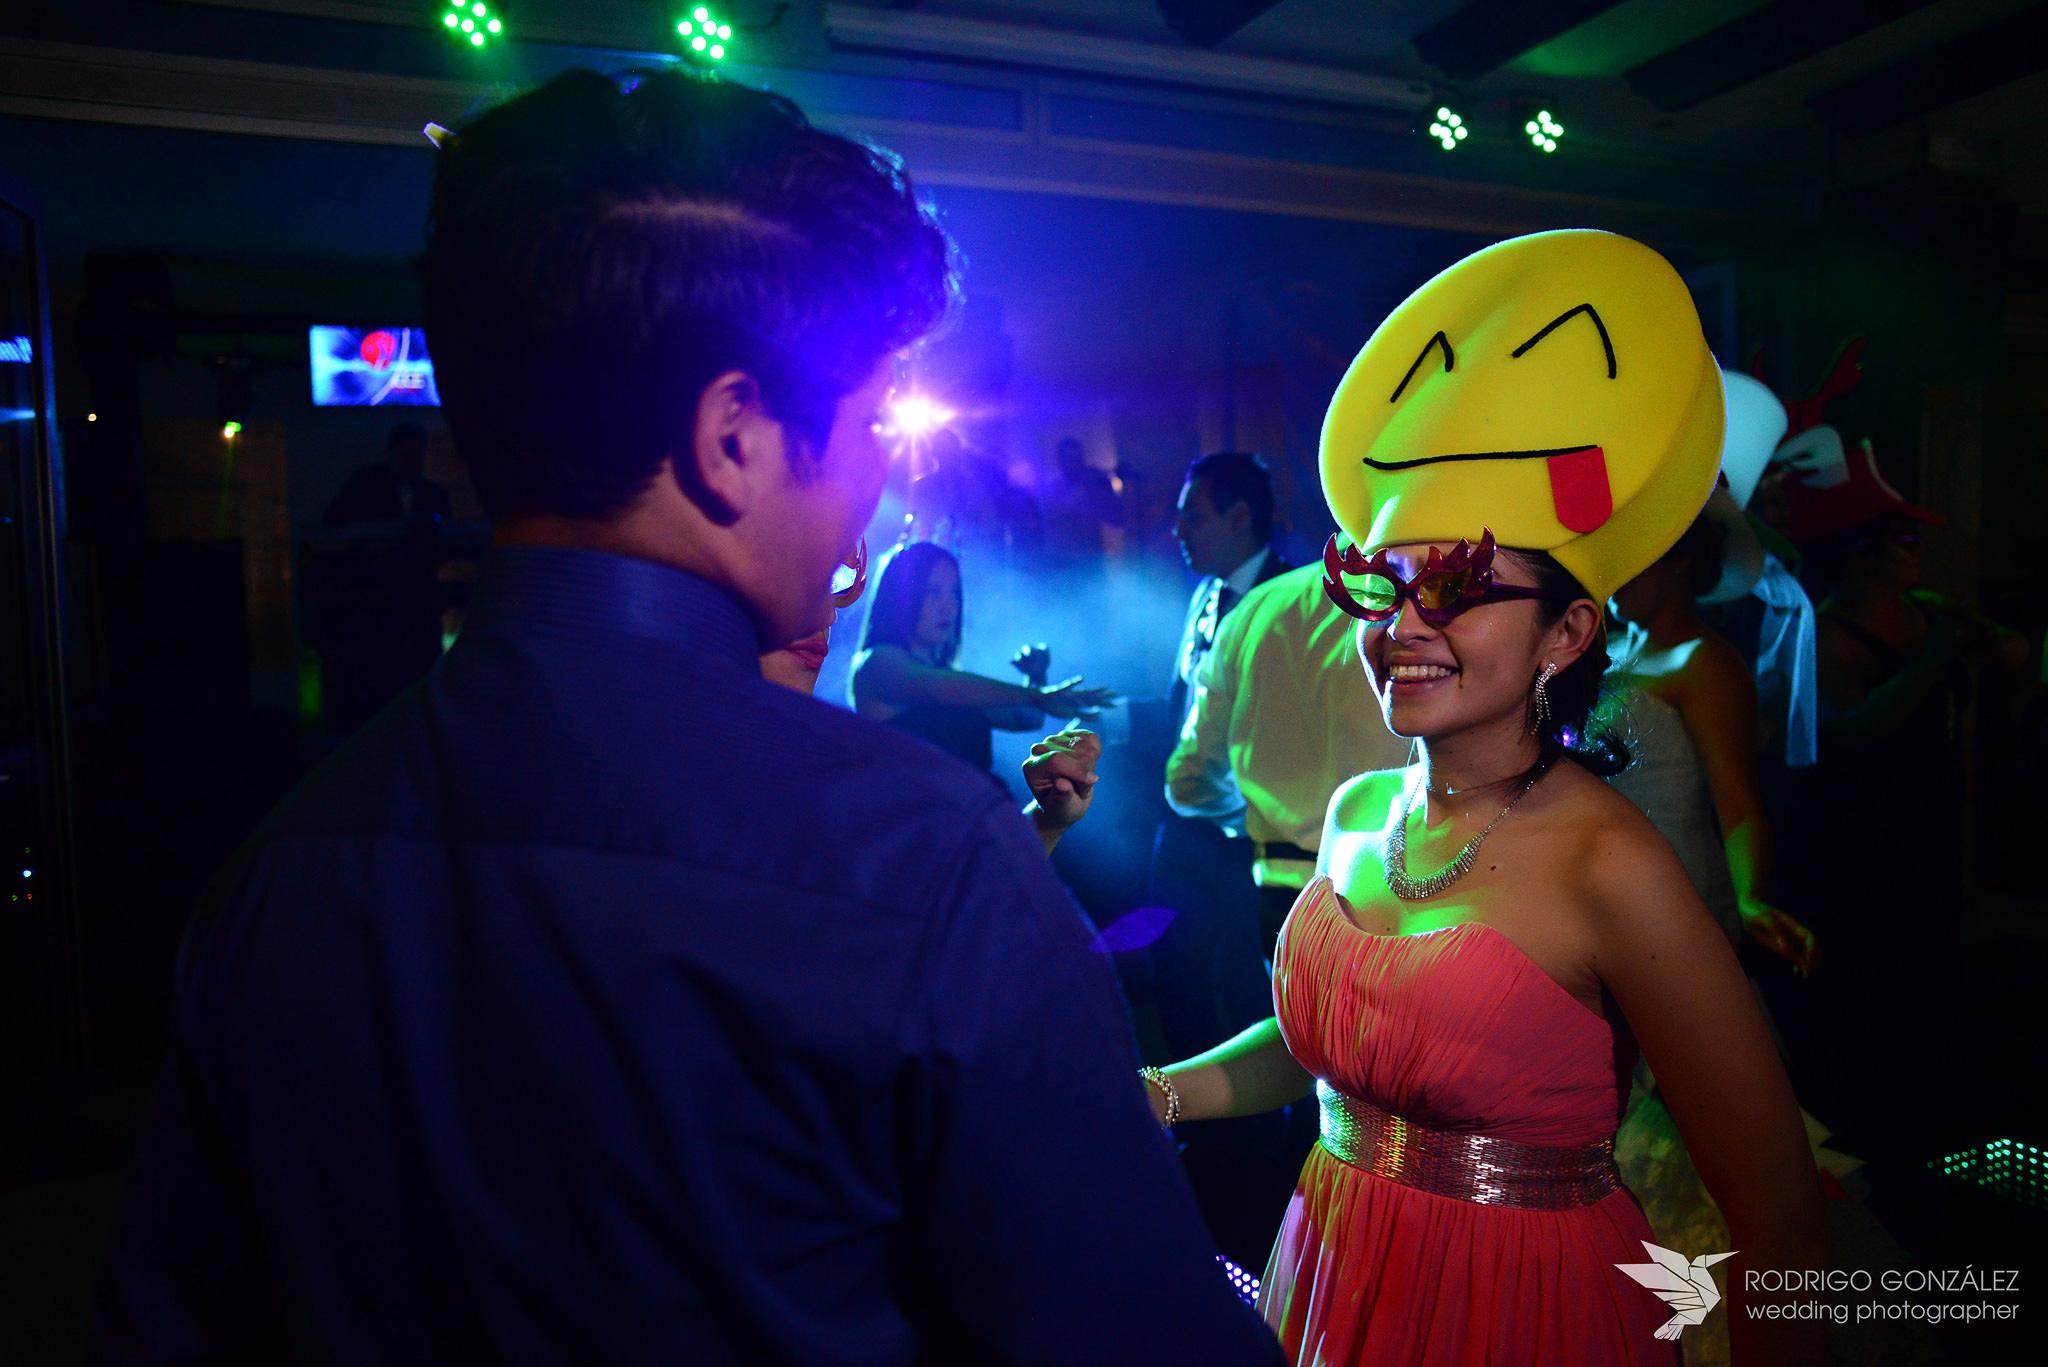 fotografo-de-bodas-salon-acrofest-0810